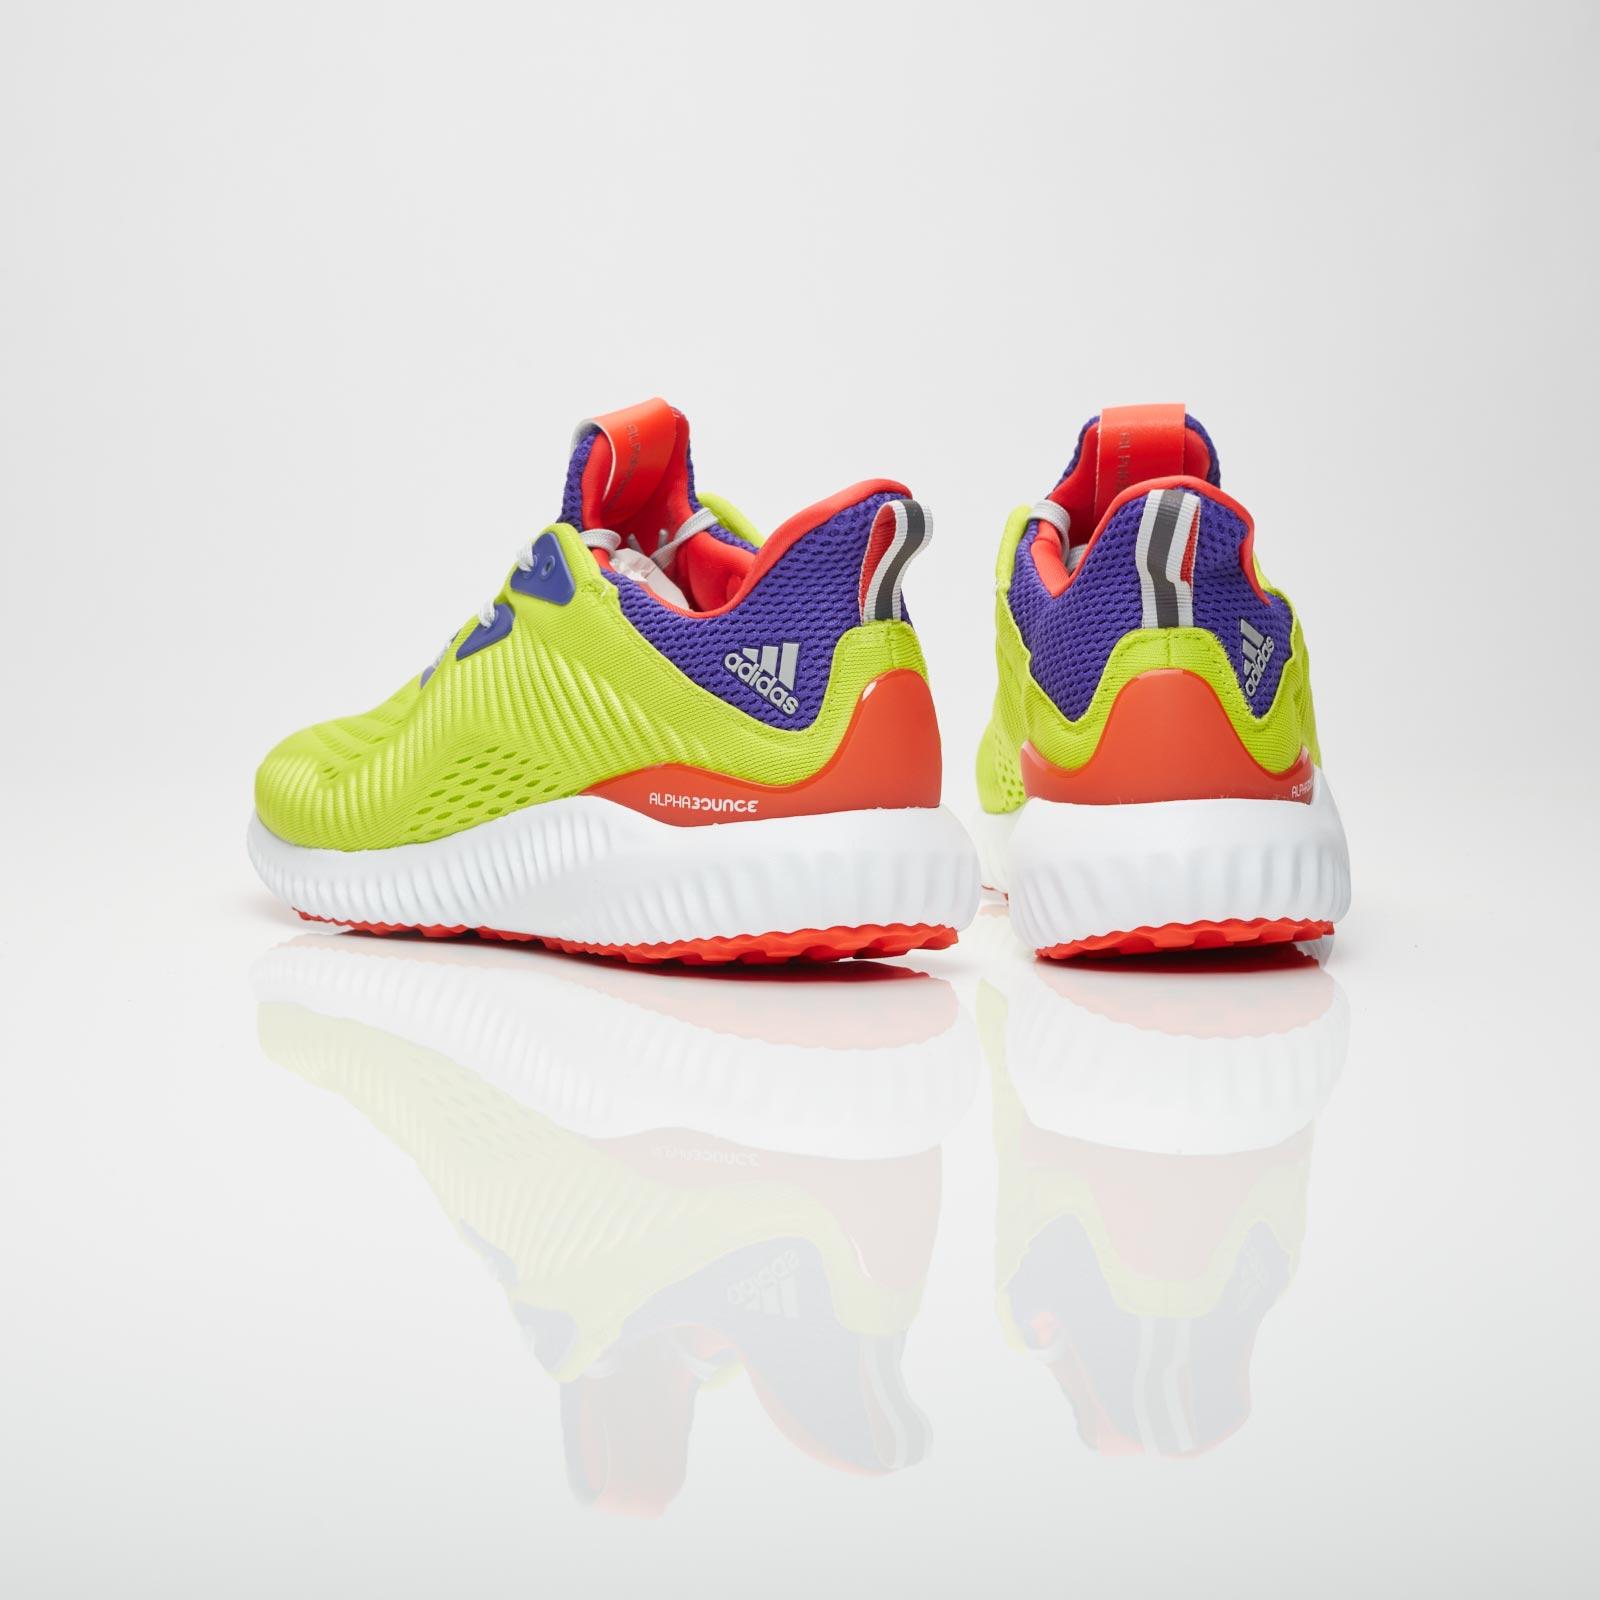 adidas Alphabounce 1 Kolor M Cq0303 Basketsnstuff Baskets